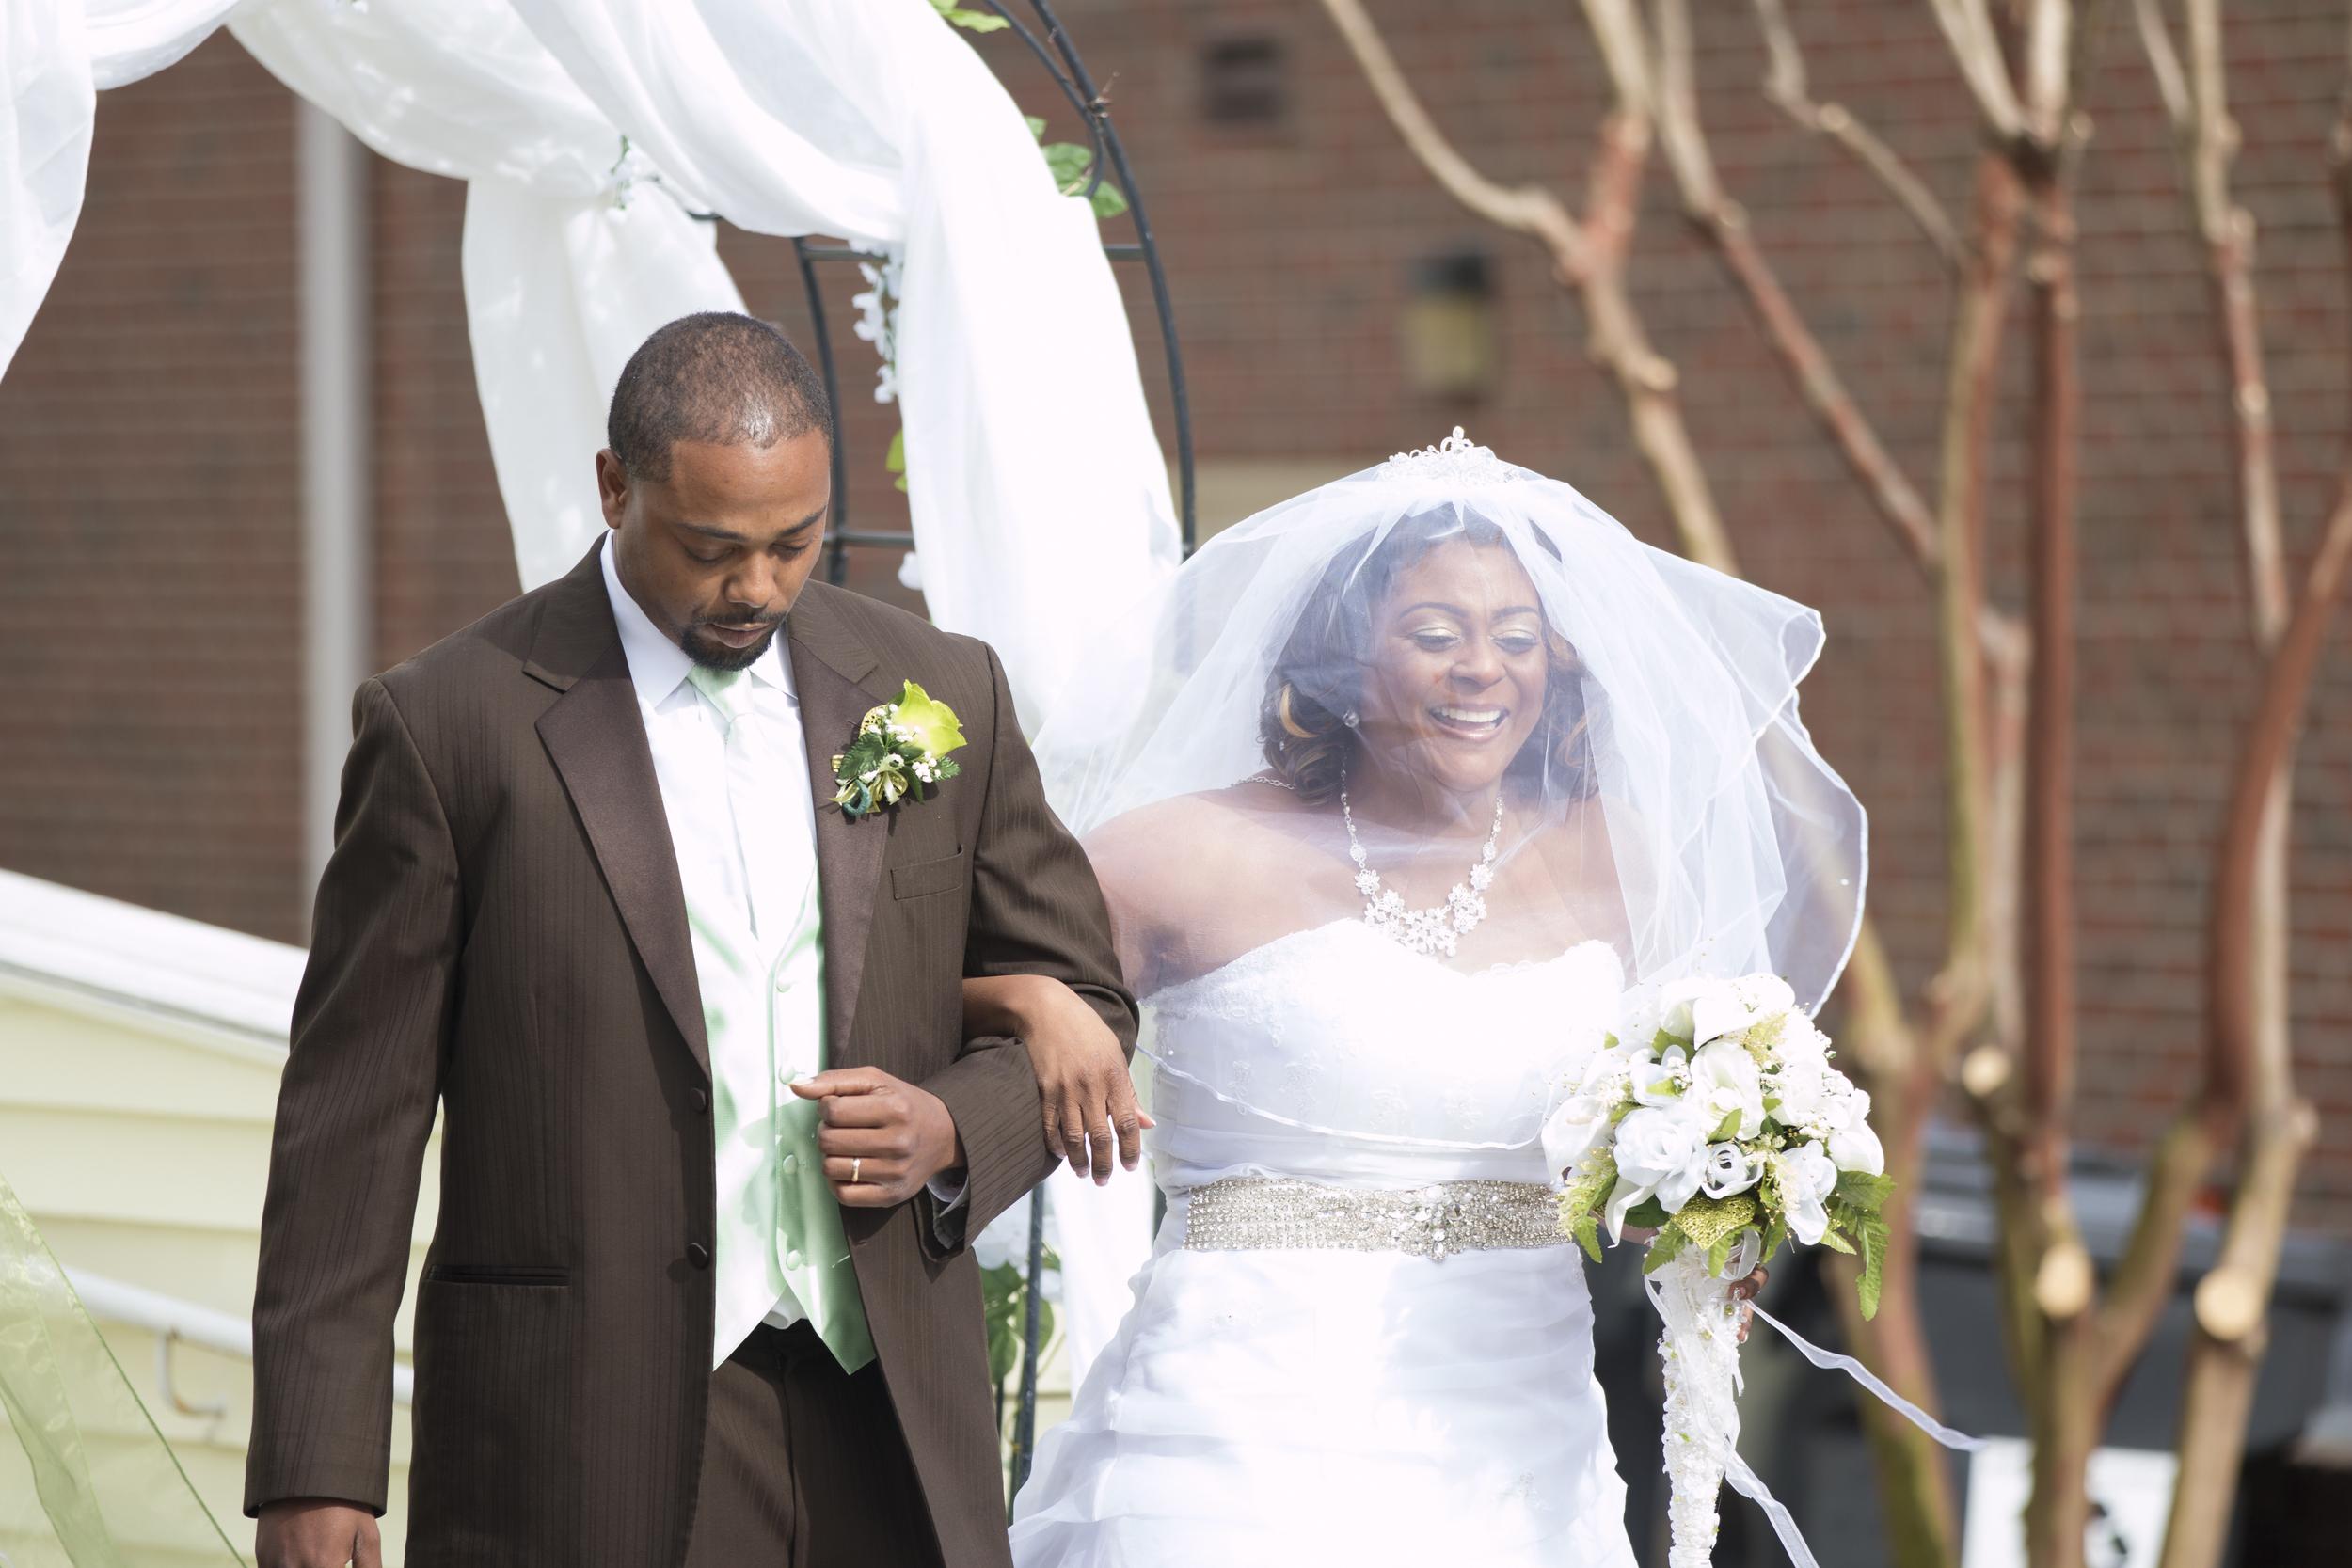 Happy Bride at Wedding in Garner, NC